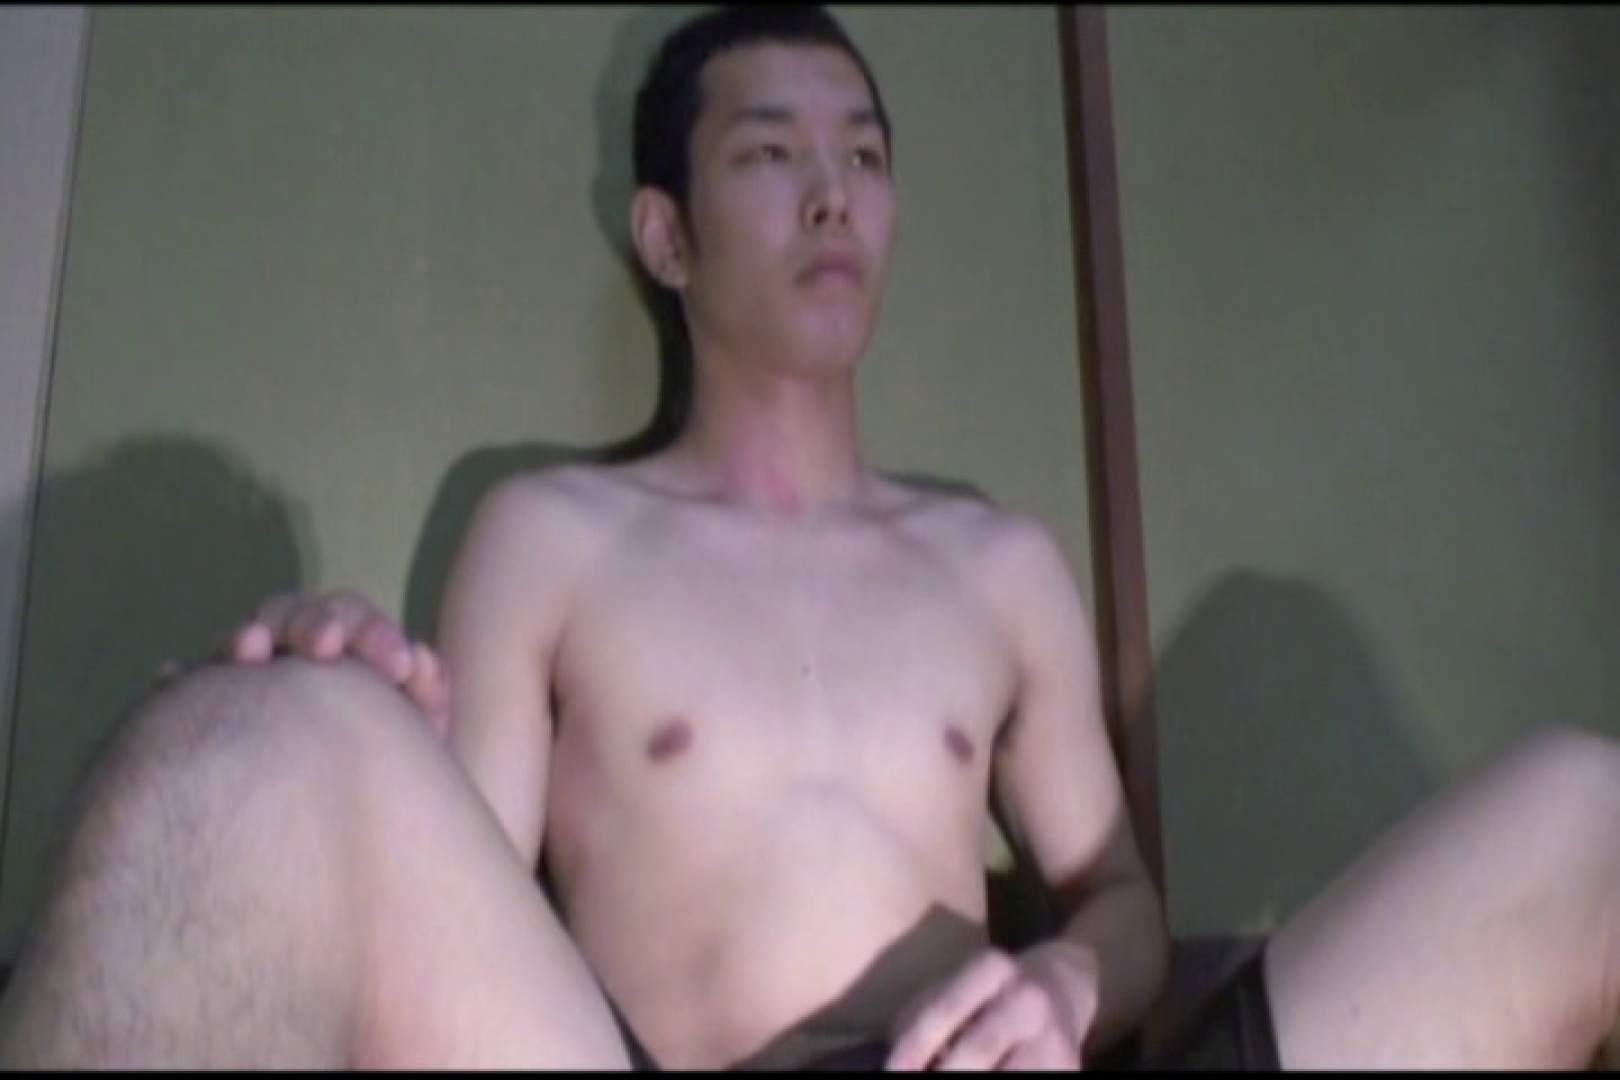 畳の部屋で・・・昇天。 手コキ | スポーツ系ボーイズ  51pic 20